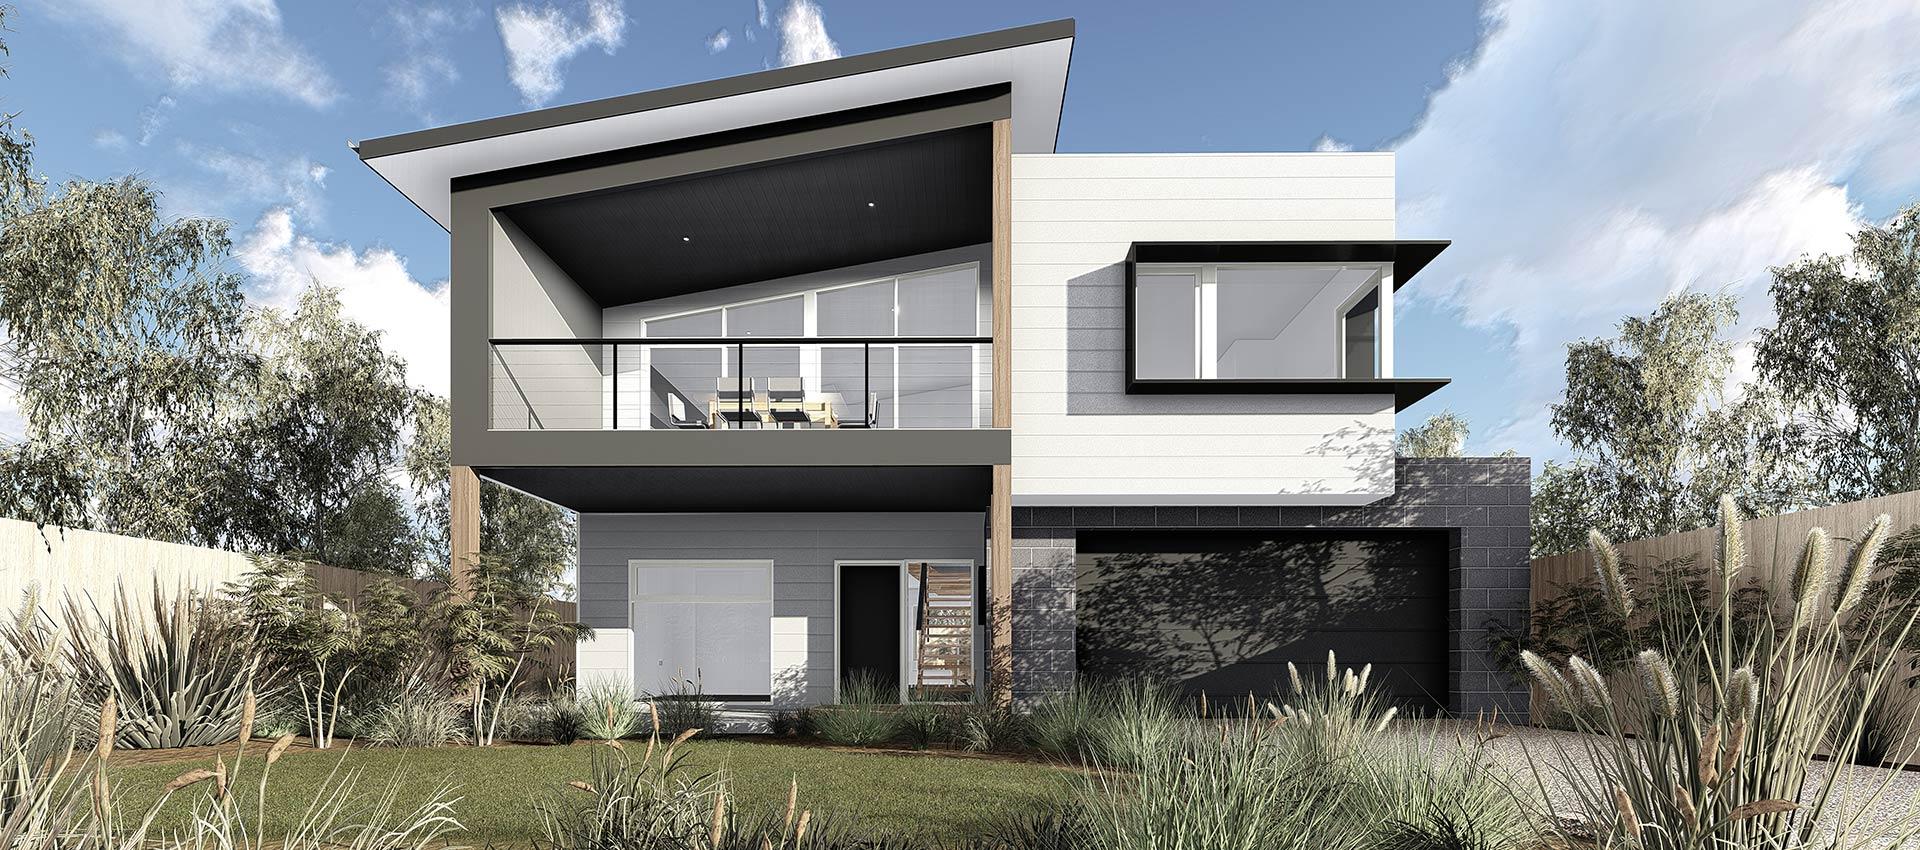 Bellbrae 30 Display Home Design Geelong